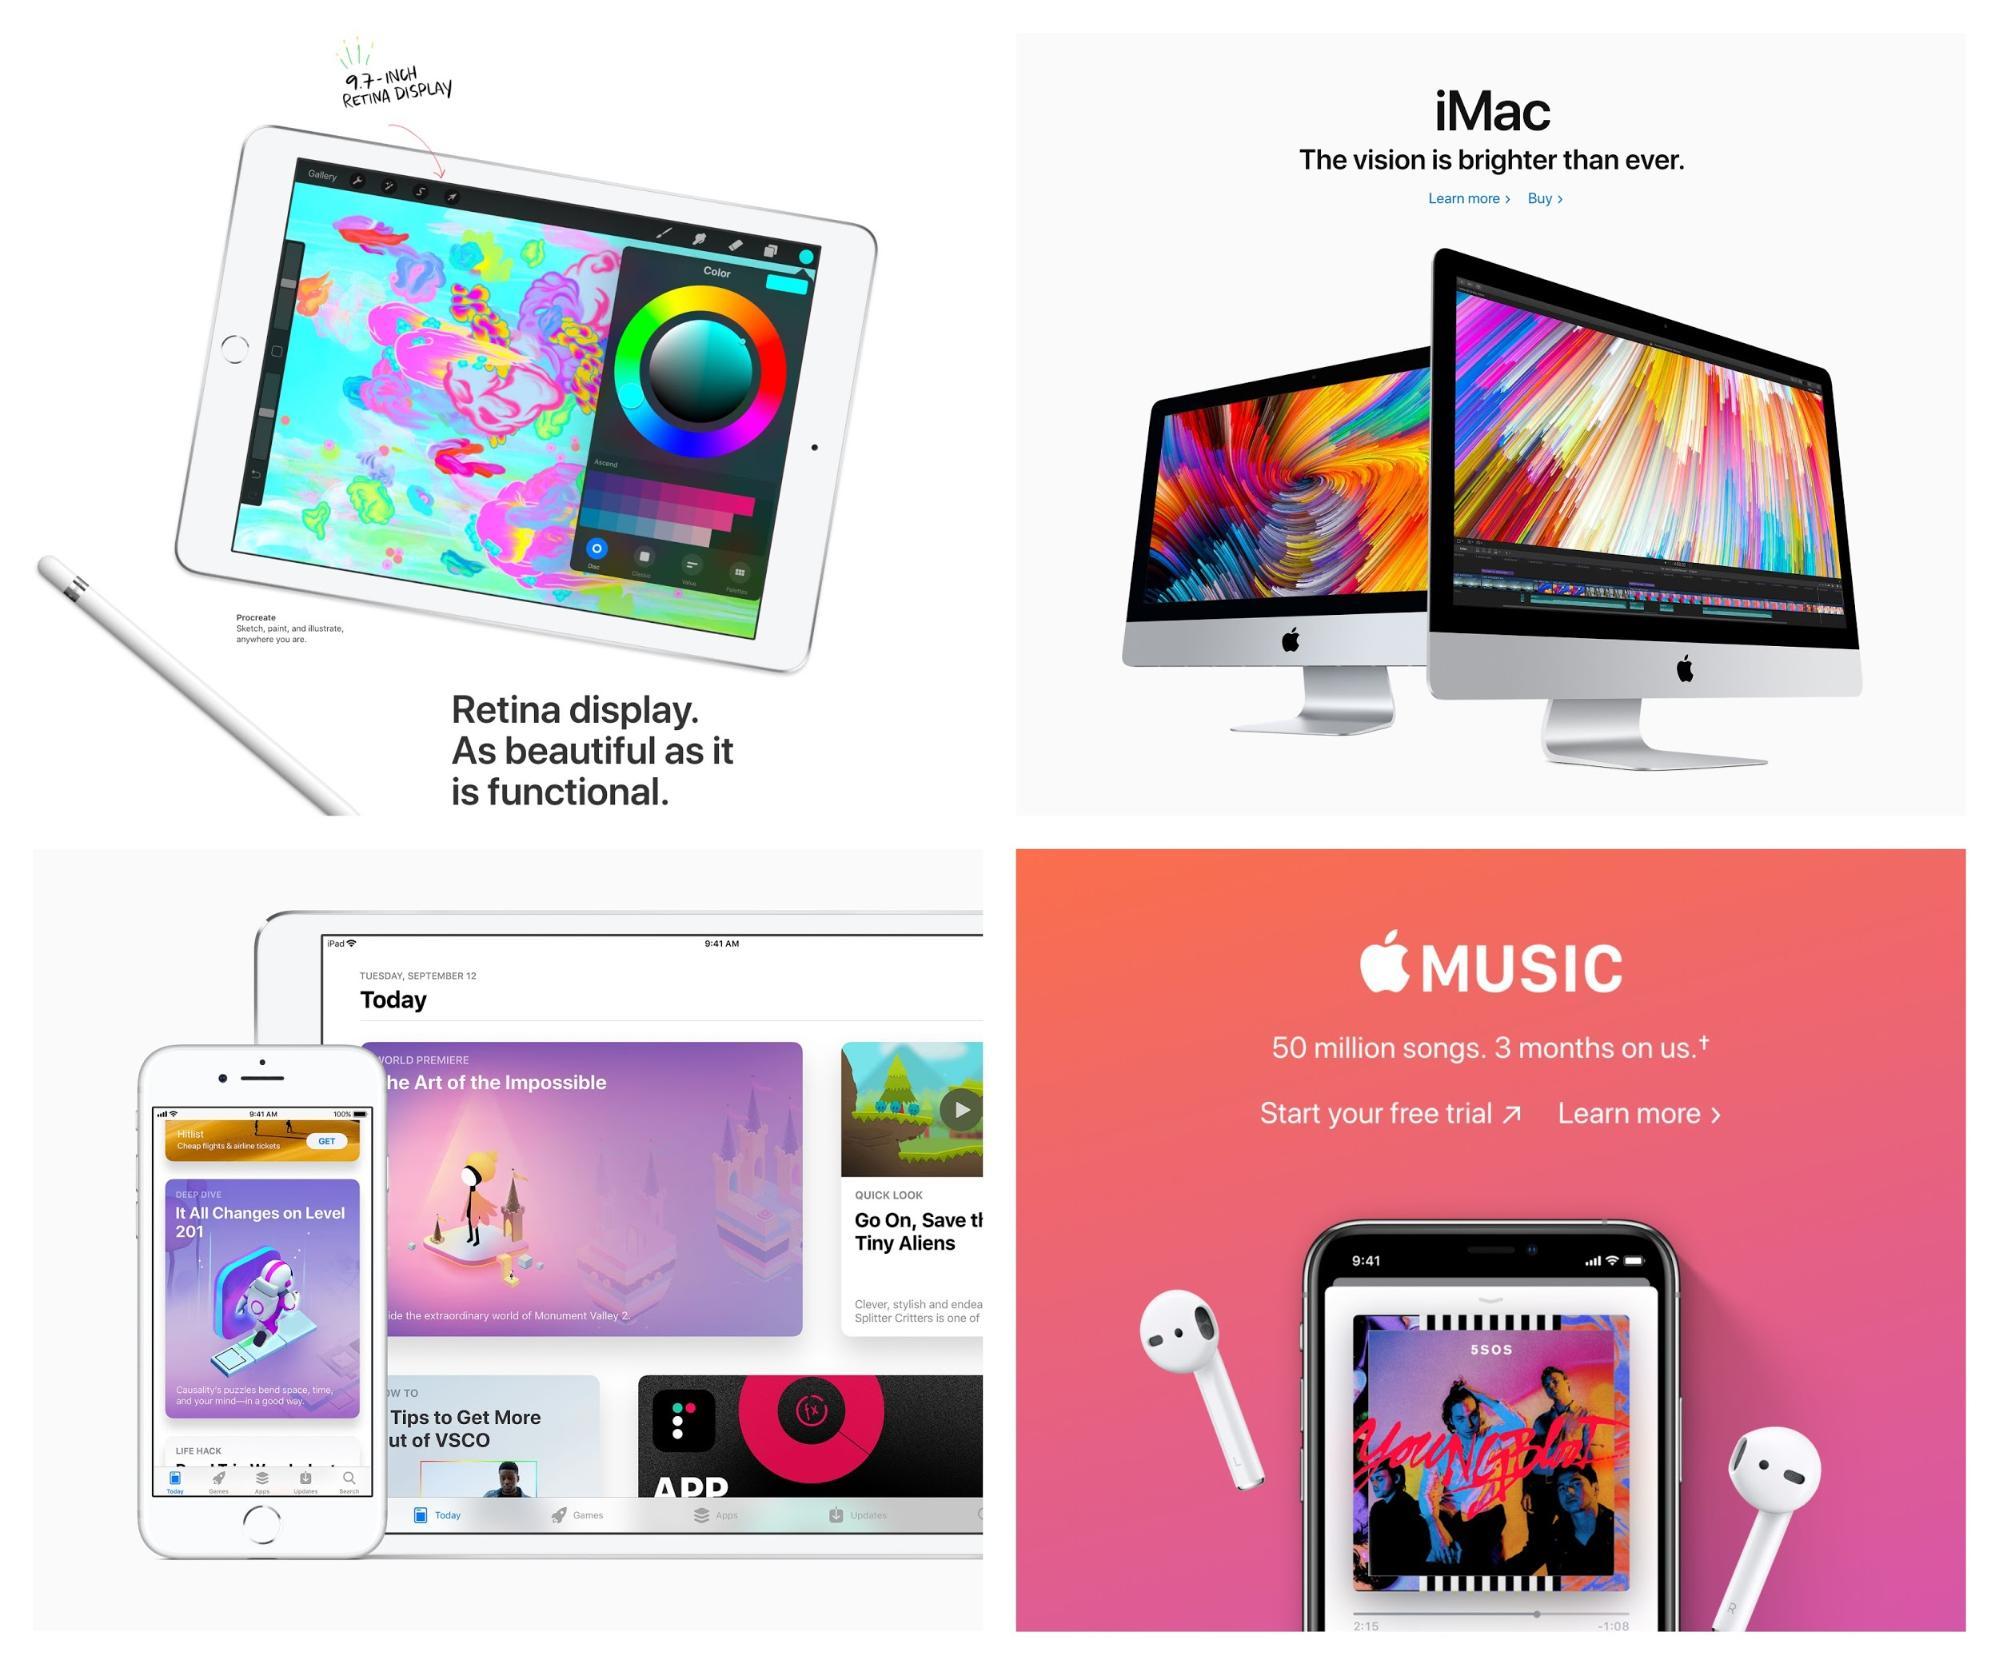 Tendencias de diseño gráfico 2019 - Vivid Colors Apple